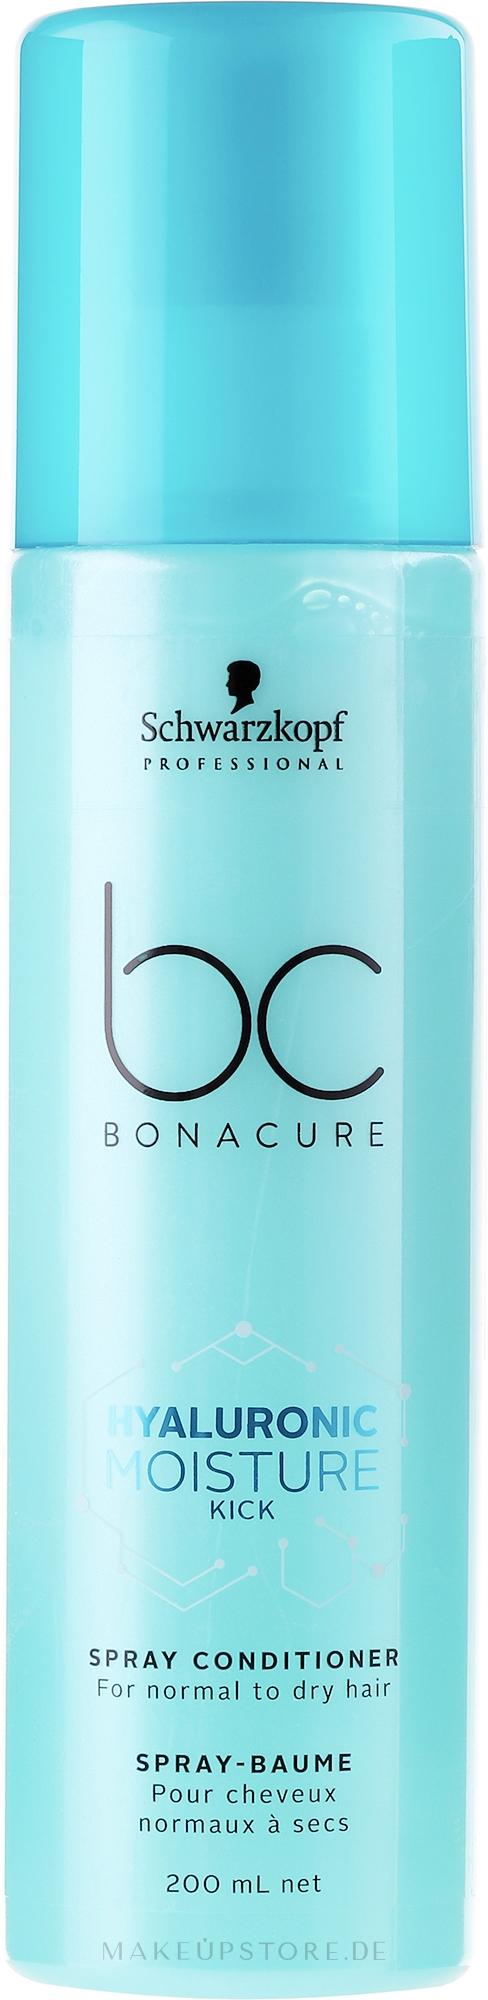 Feuchtigkeitsspendender Haarspray-Conditioner für normales bis trockenes Haar - Schwarzkopf Professional Bonacure Hyaluronic Moisture Kick Spray Conditioner — Bild 200 ml